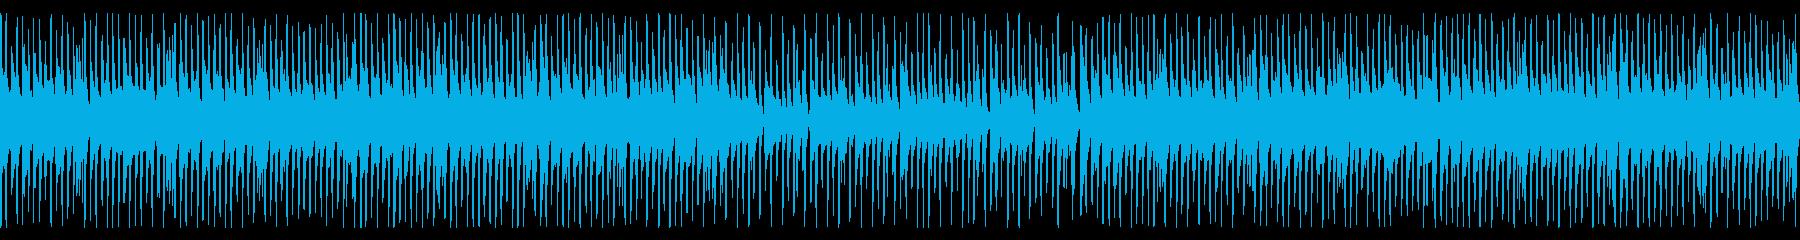 生演奏、軽快でかわいいカントリーポップの再生済みの波形